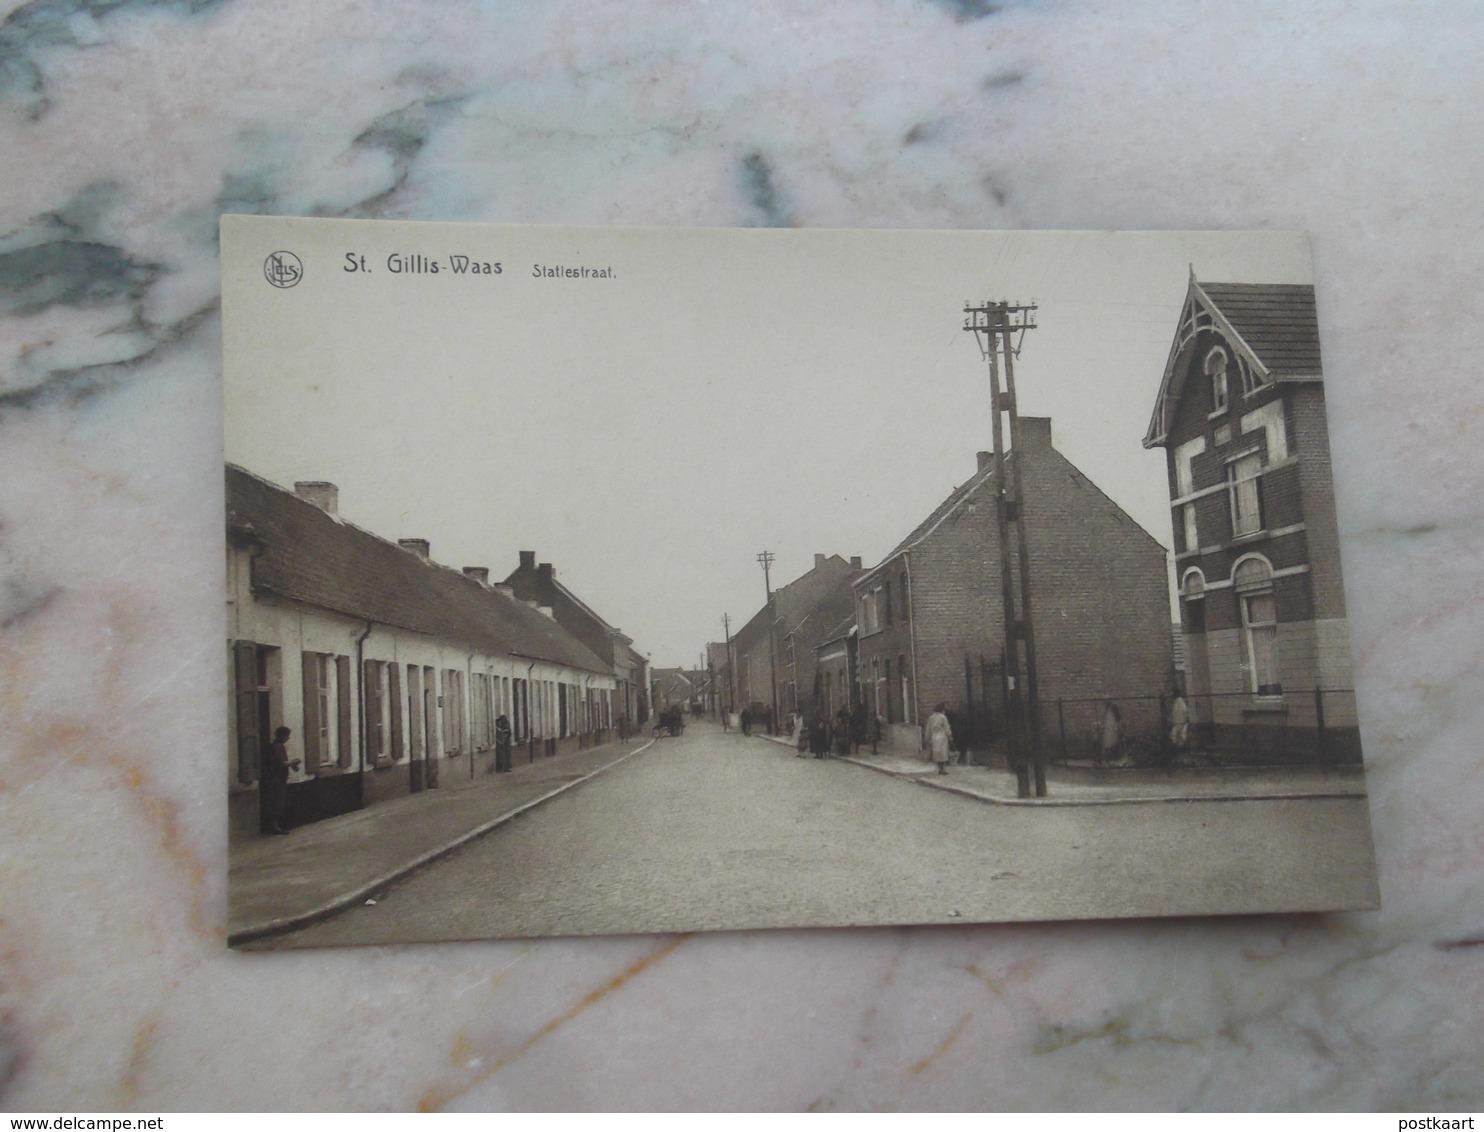 SINT-GILLIS-WAAS: Statiestraat - Sint-Gillis-Waas